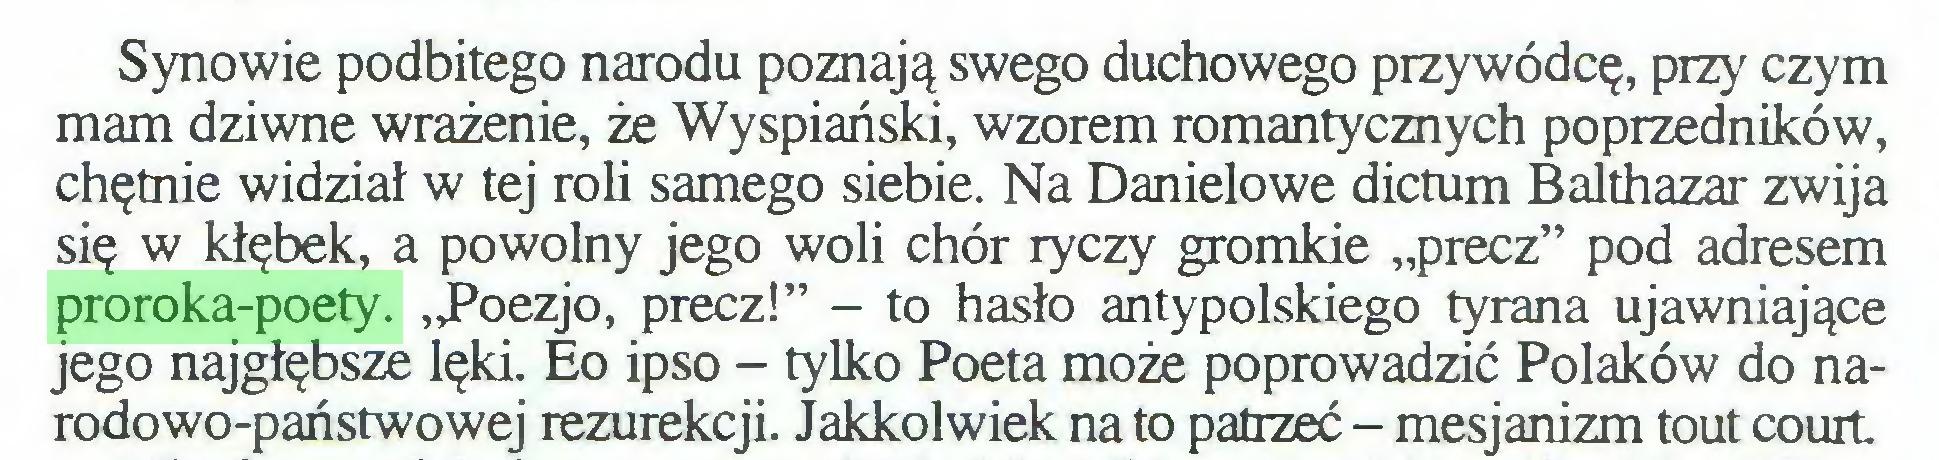 """(...) Synowie podbitego narodu poznają swego duchowego przywódcę, przy czym mam dziwne wrażenie, że Wyspiański, wzorem romantycznych poprzedników, chętnie widział w tej roli samego siebie. Na Danielowe dictum Balthazar zwija się w kłębek, a powolny jego woli chór ryczy gromkie """"precz"""" pod adresem proroka-poety. """"Poezjo, precz!"""" - to hasło antypolskiego tyrana ujawniające jego najgłębsze lęki. Eo ipso - tylko Poeta może poprowadzić Polaków do narodowo-państwowej rezurekcji. Jakkolwiek na to patrzeć - mesjanizm tout court..."""